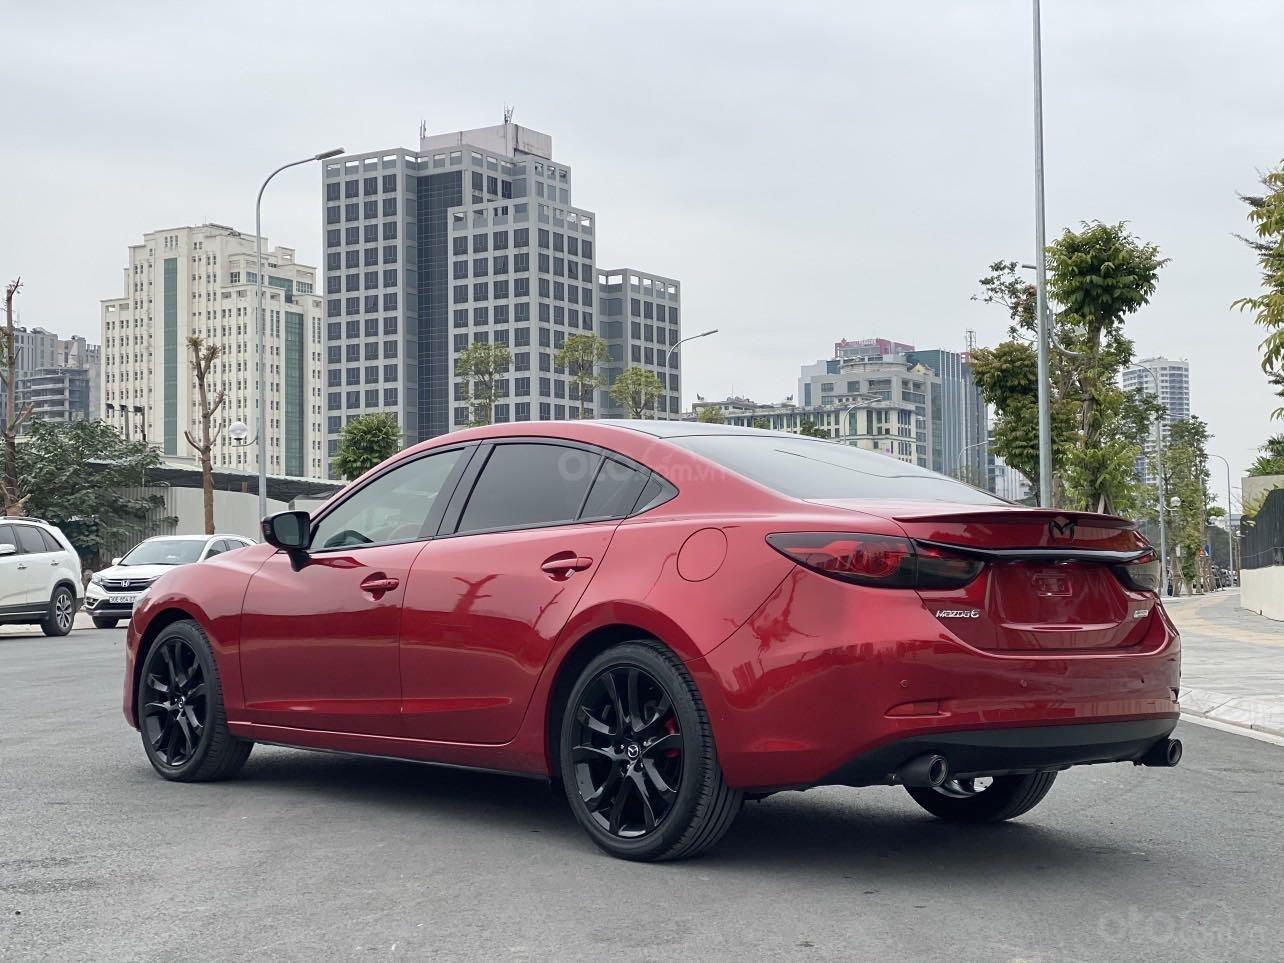 Bán nhanh chiếc Mazda 6 2.5AT 2015 chủ đi cực giữ gìn (4)